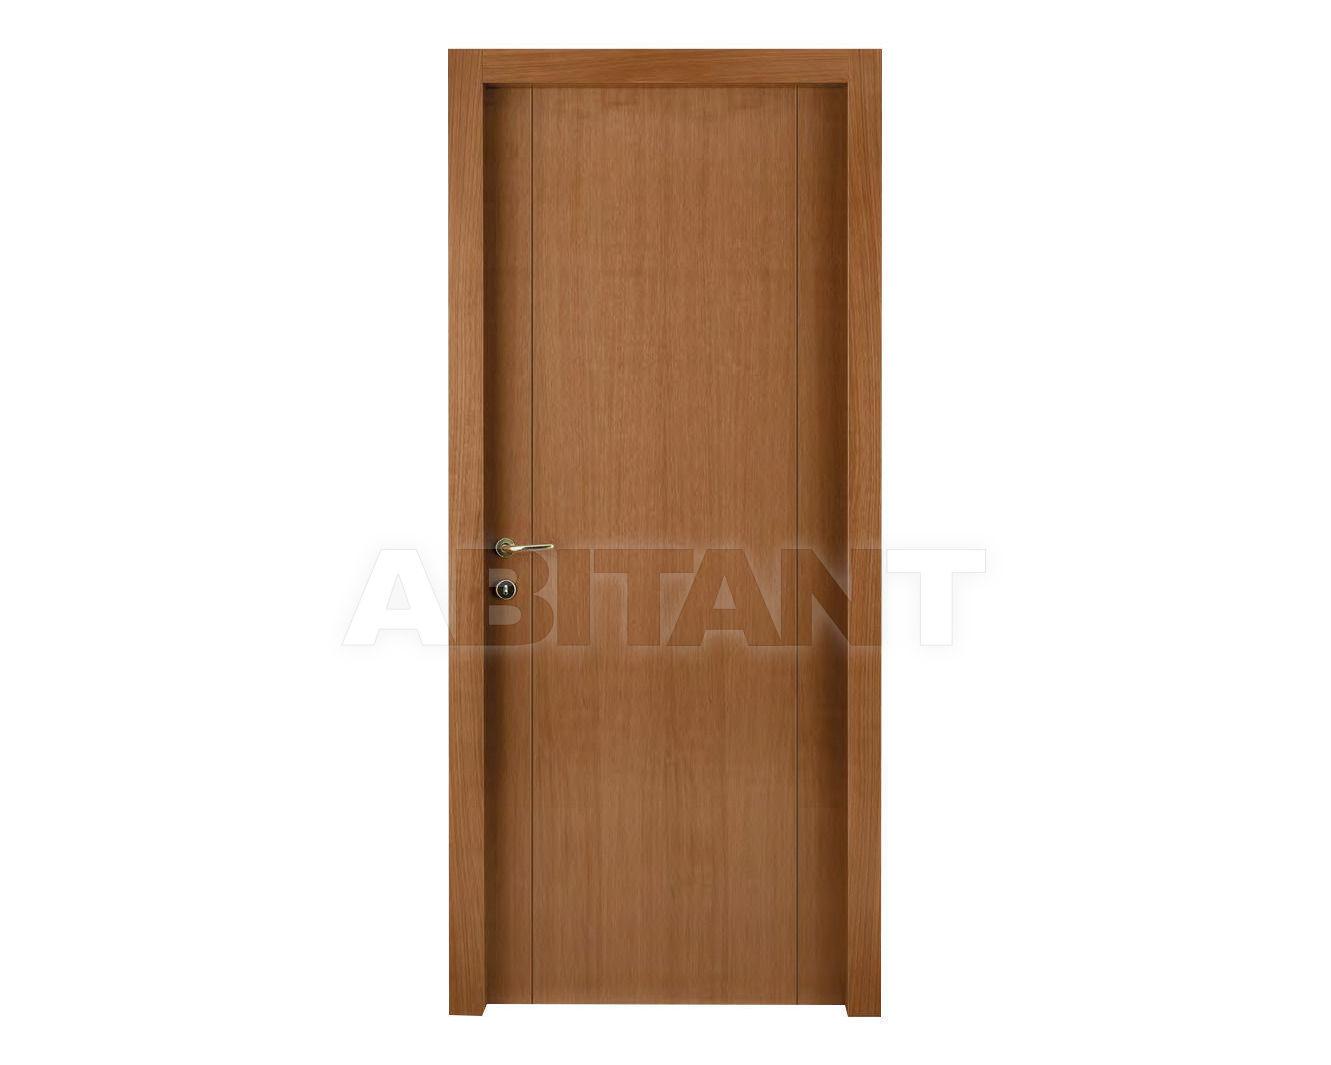 Купить Дверь деревянная Fioravazzi Lisce TRADIZIONALE LINEA QUAdRA